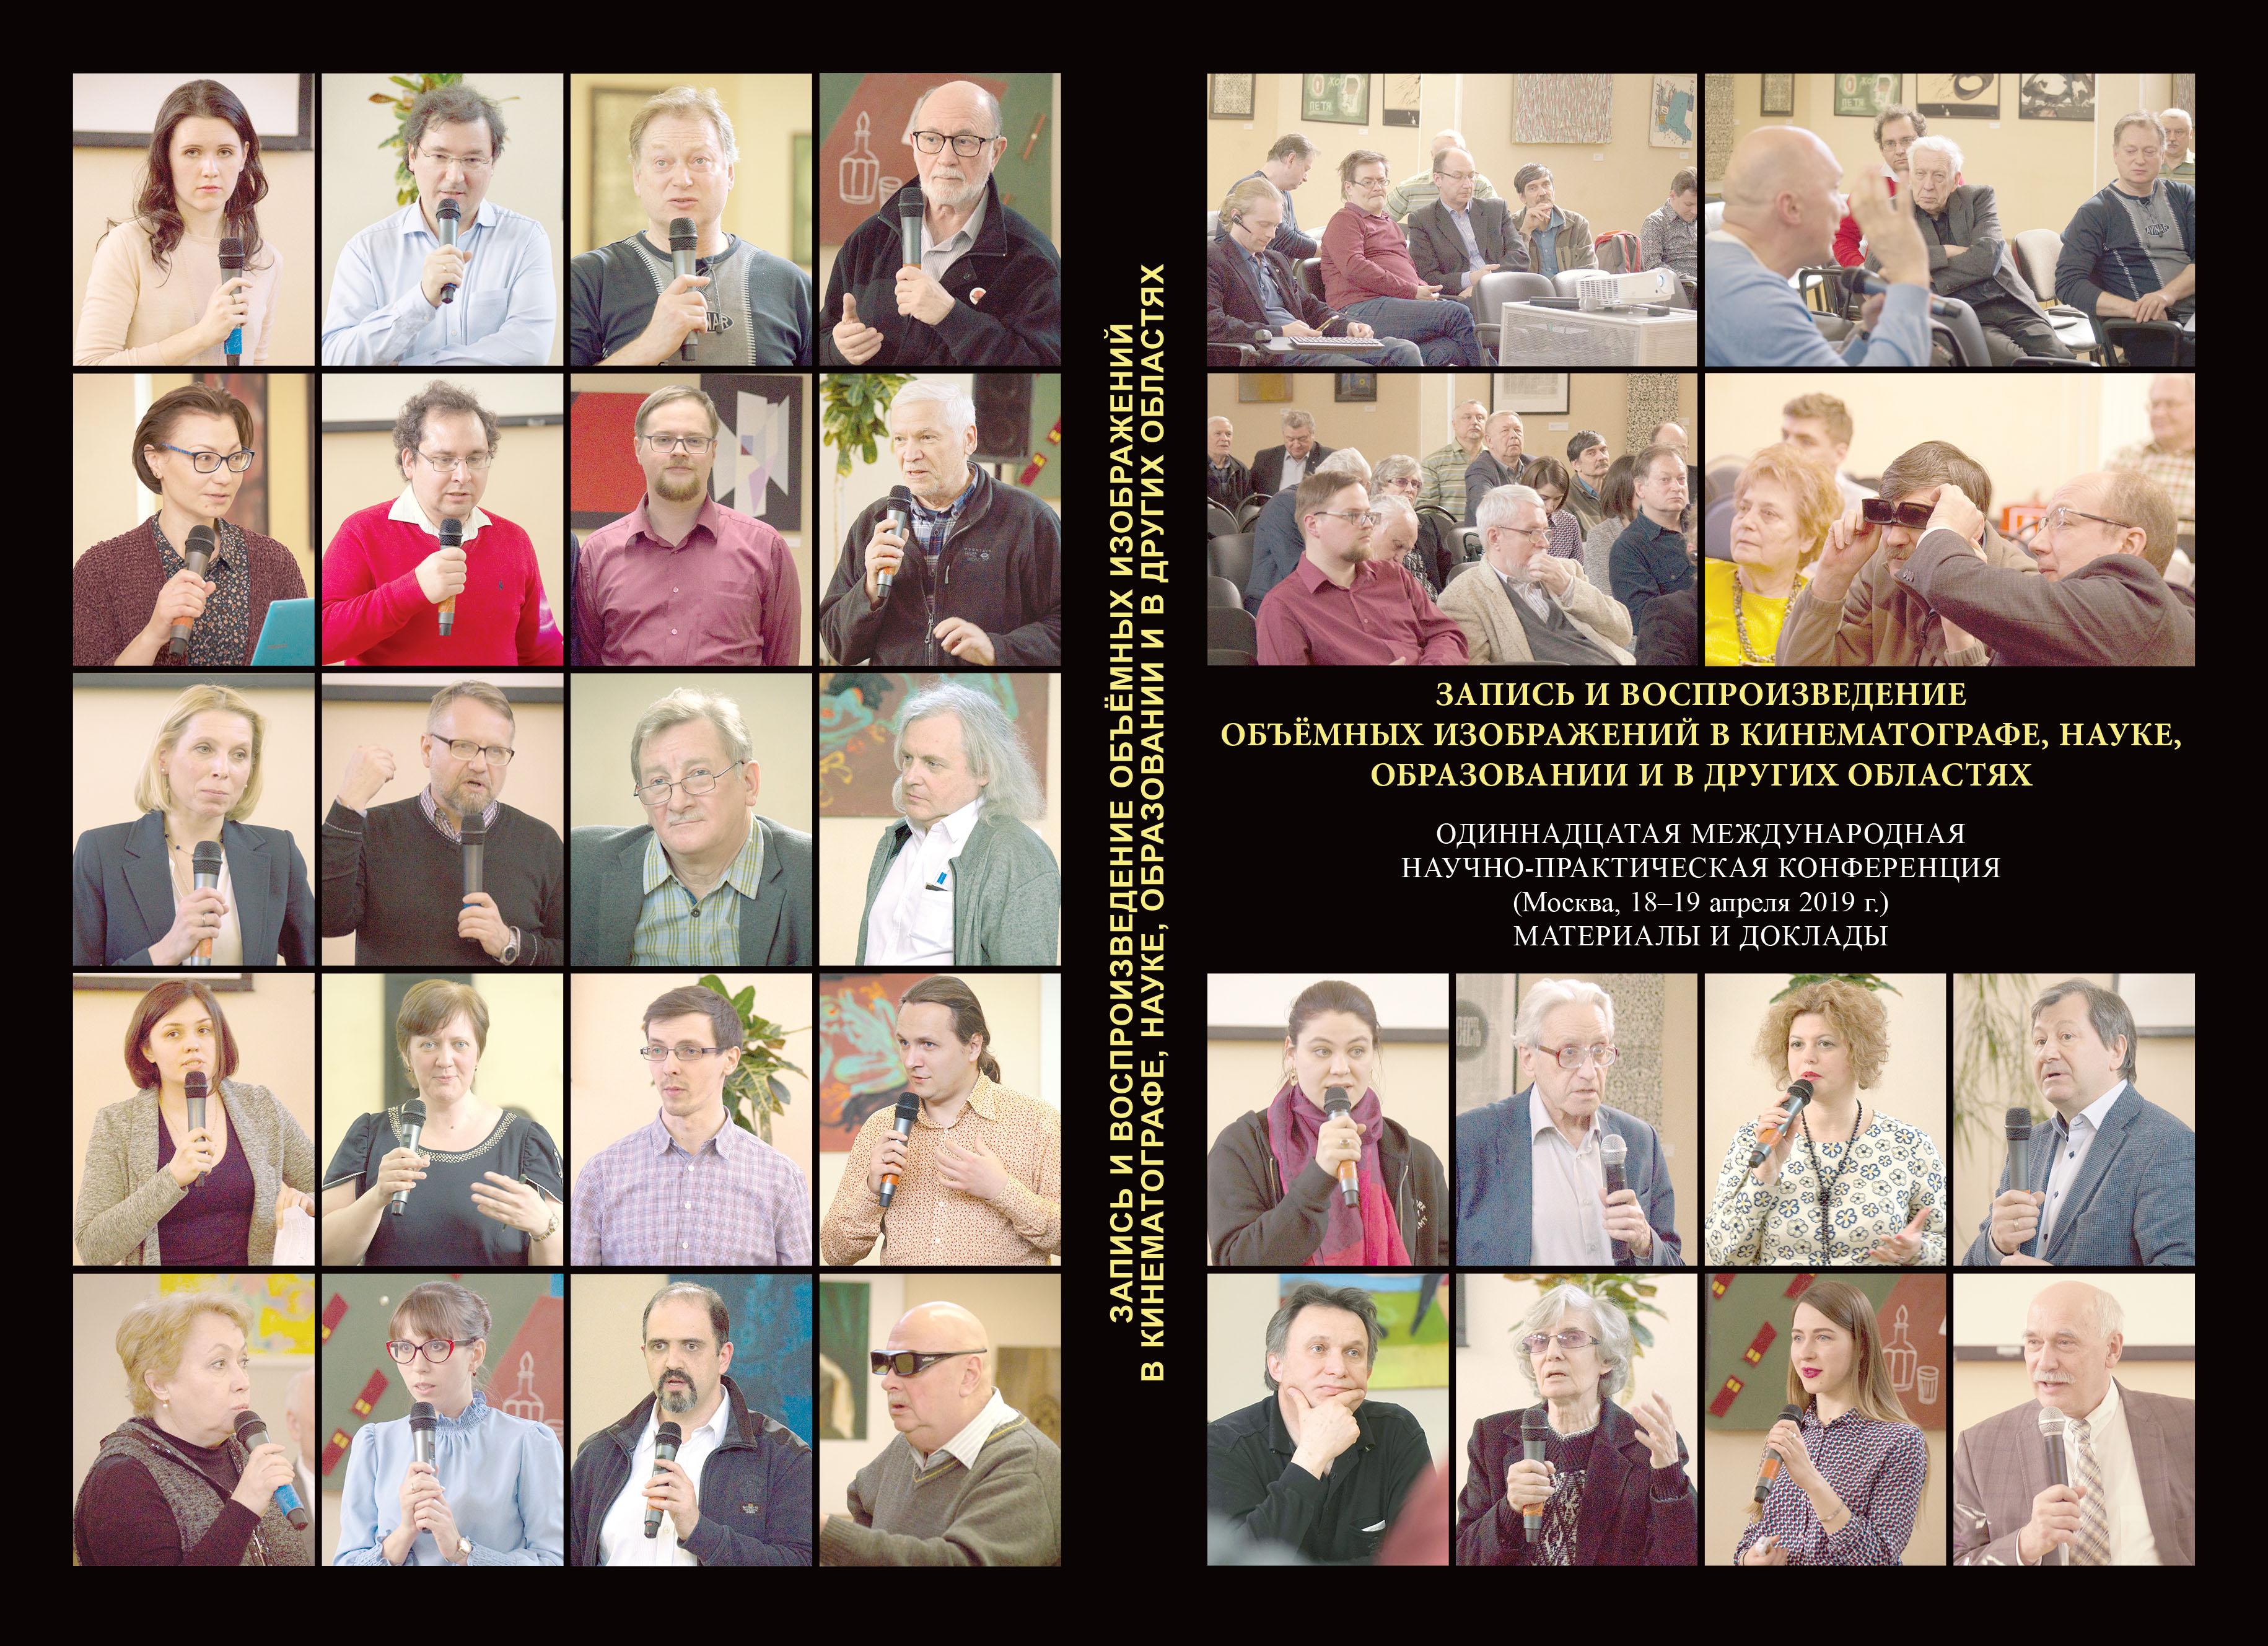 Запись и воспроизведение объёмных изображений в кинематографе, науке, образовании и в других областях: XI Международная научно-практическая конференция, Москва, 18–19 апреля 2019 г.: Материалы и доклады